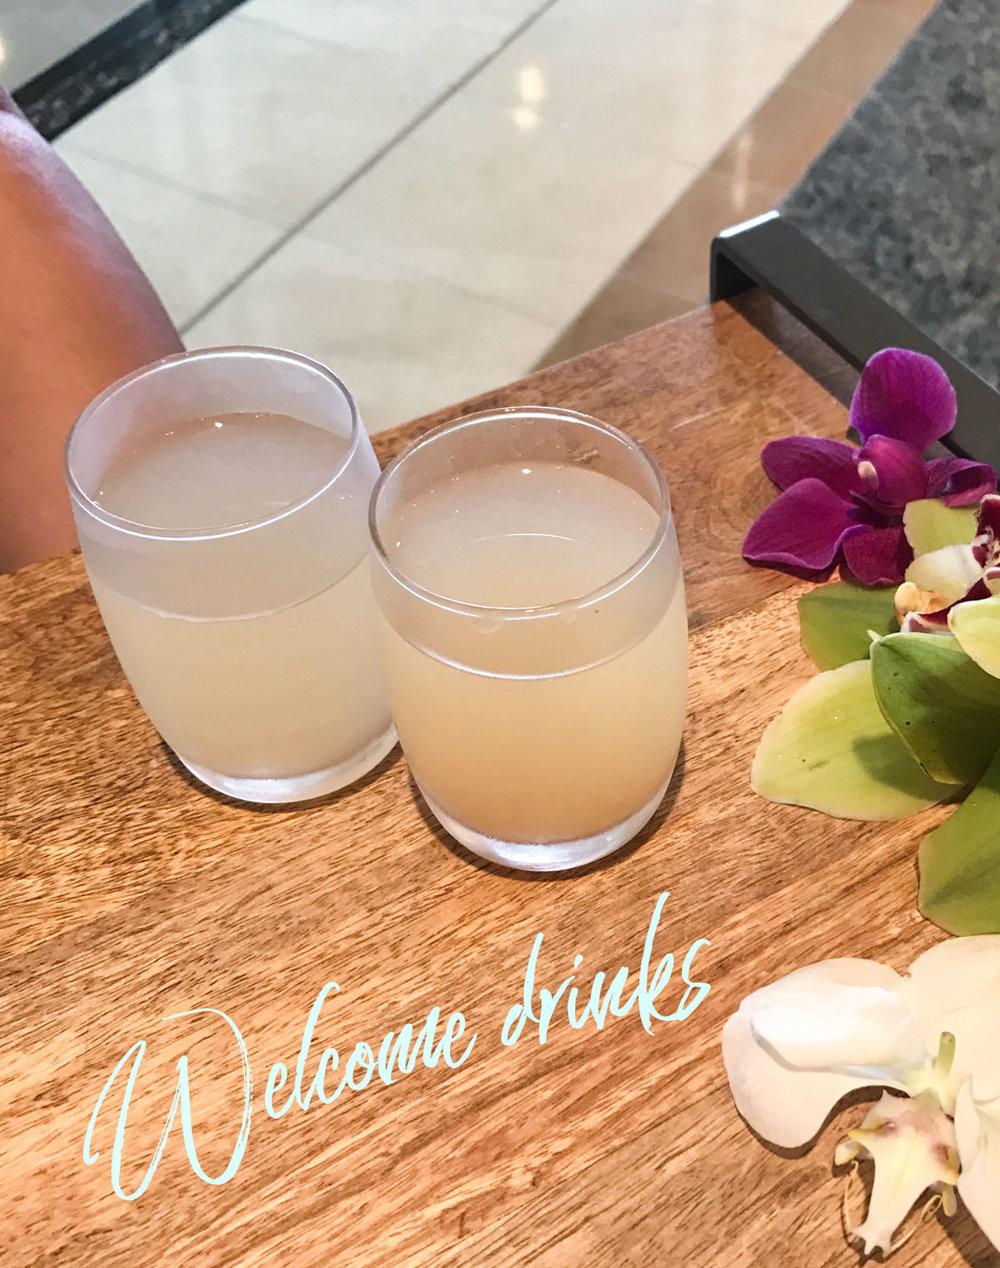 Best Hotel Oahu_Four Seasons Oahu_Addie Bell-4829.jpg